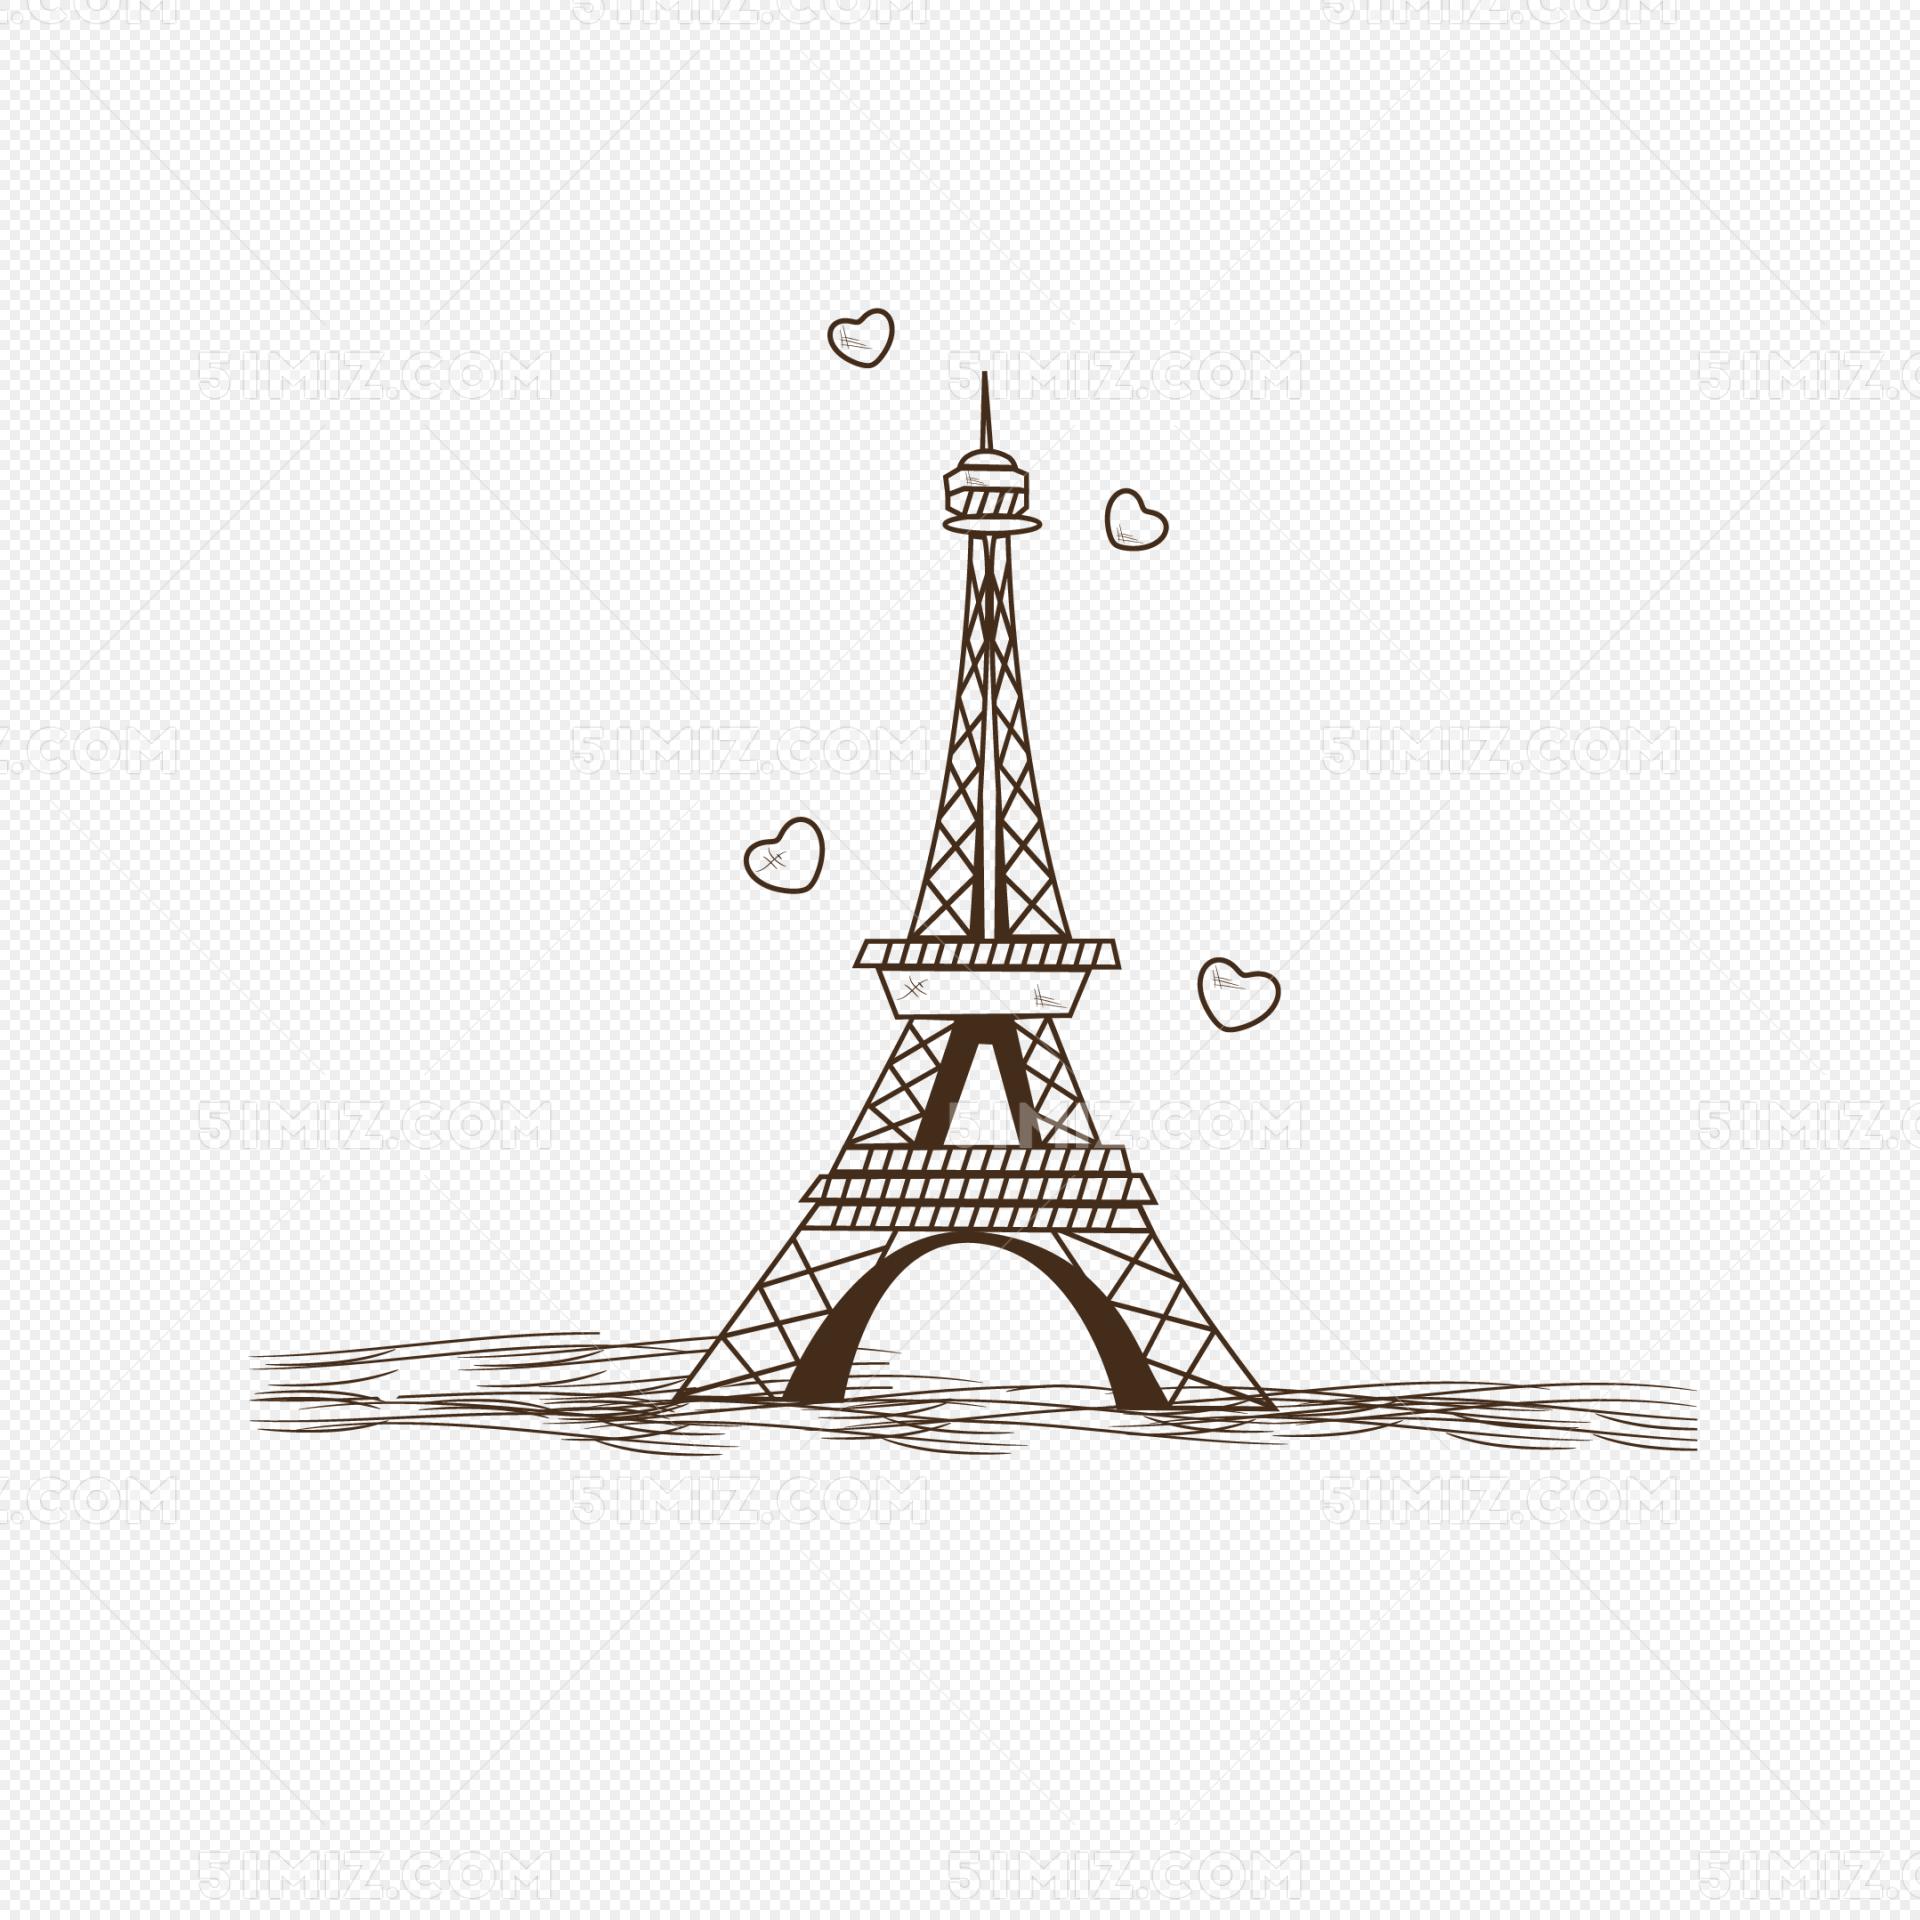 巴黎埃菲尔铁塔手绘线稿素材图片